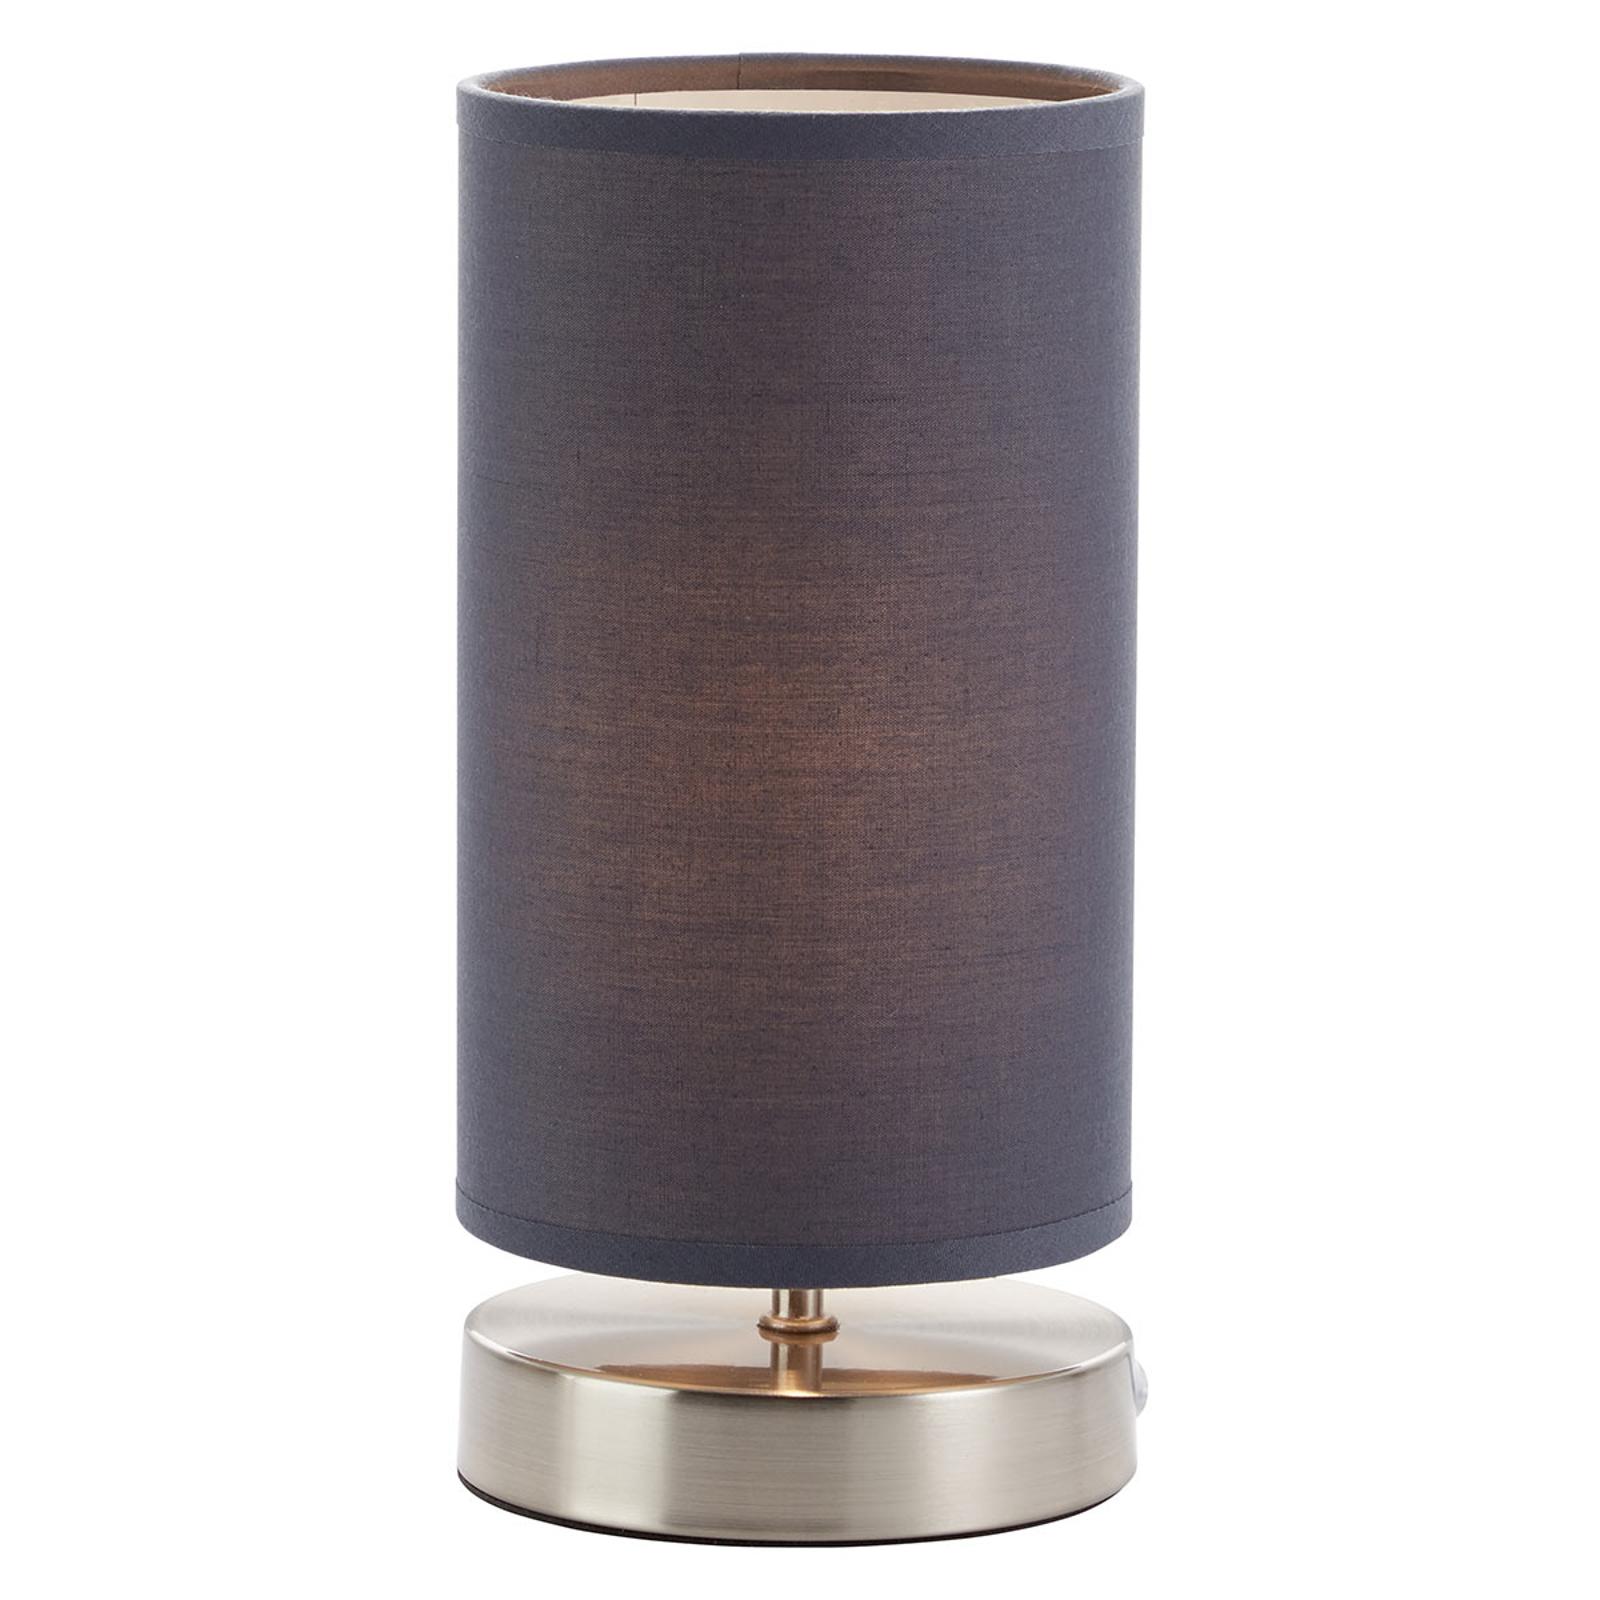 Lampa sufitowa Claire z szarym kloszem z materiału